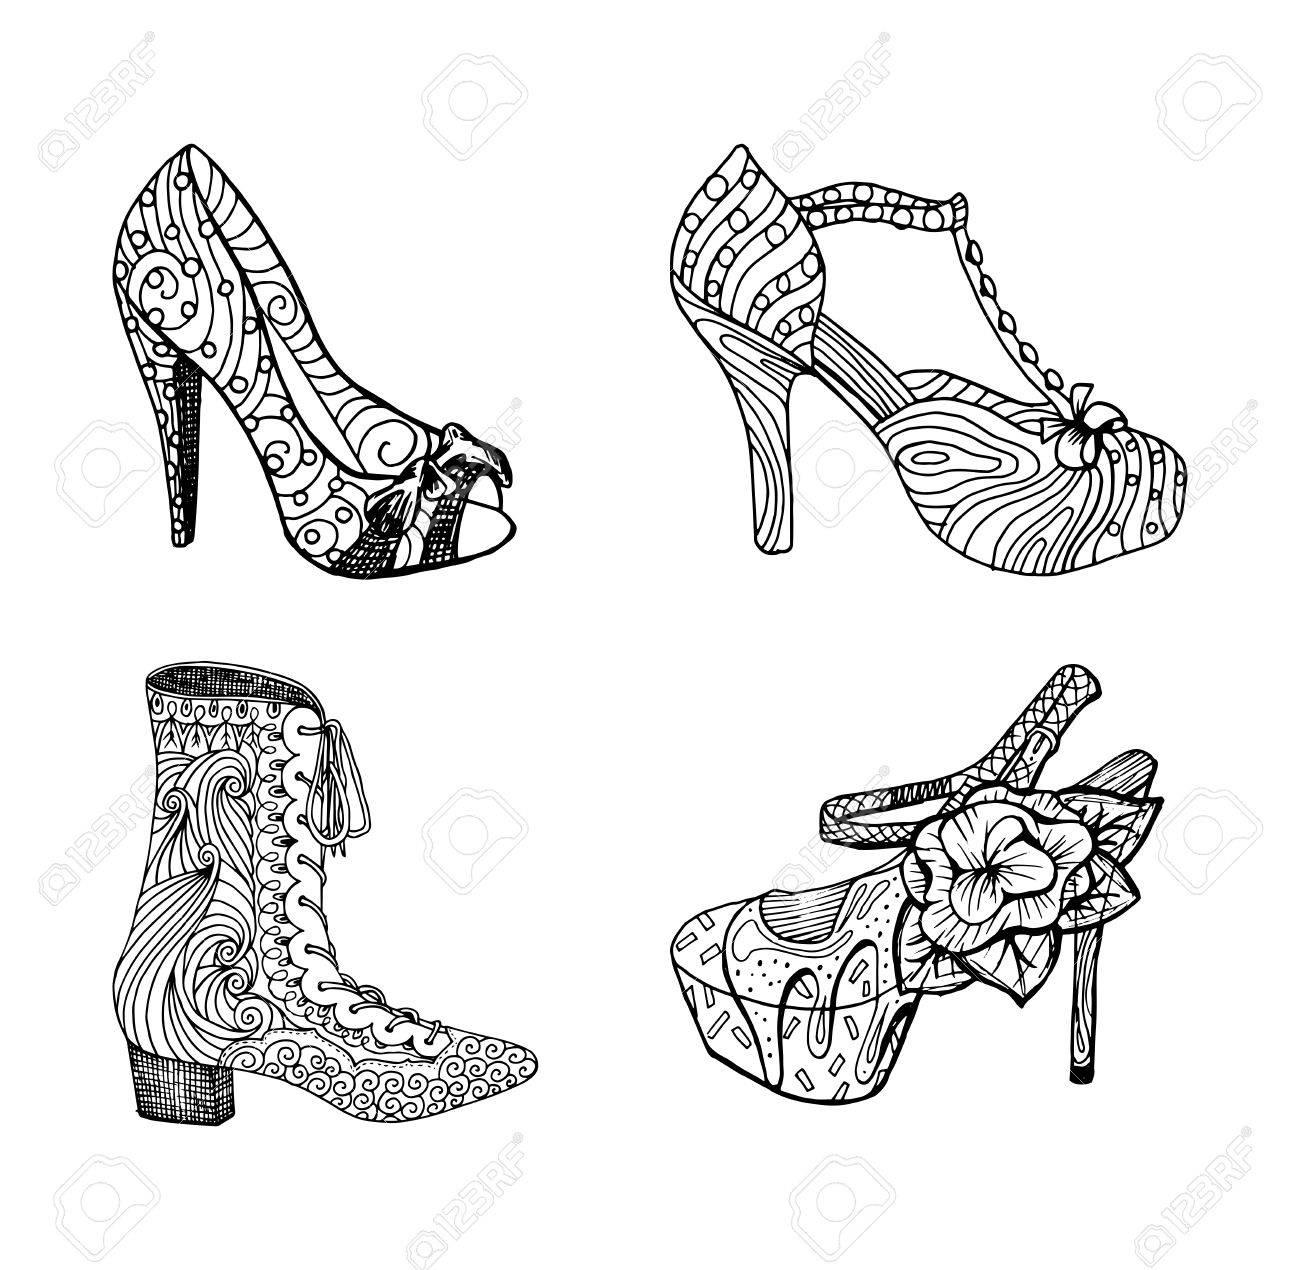 Zapatos de tacón alto establecen para la mujer. La moda del calzado en obra relleno de patrón de estilo BlackBlack. clipart aislada por las páginas